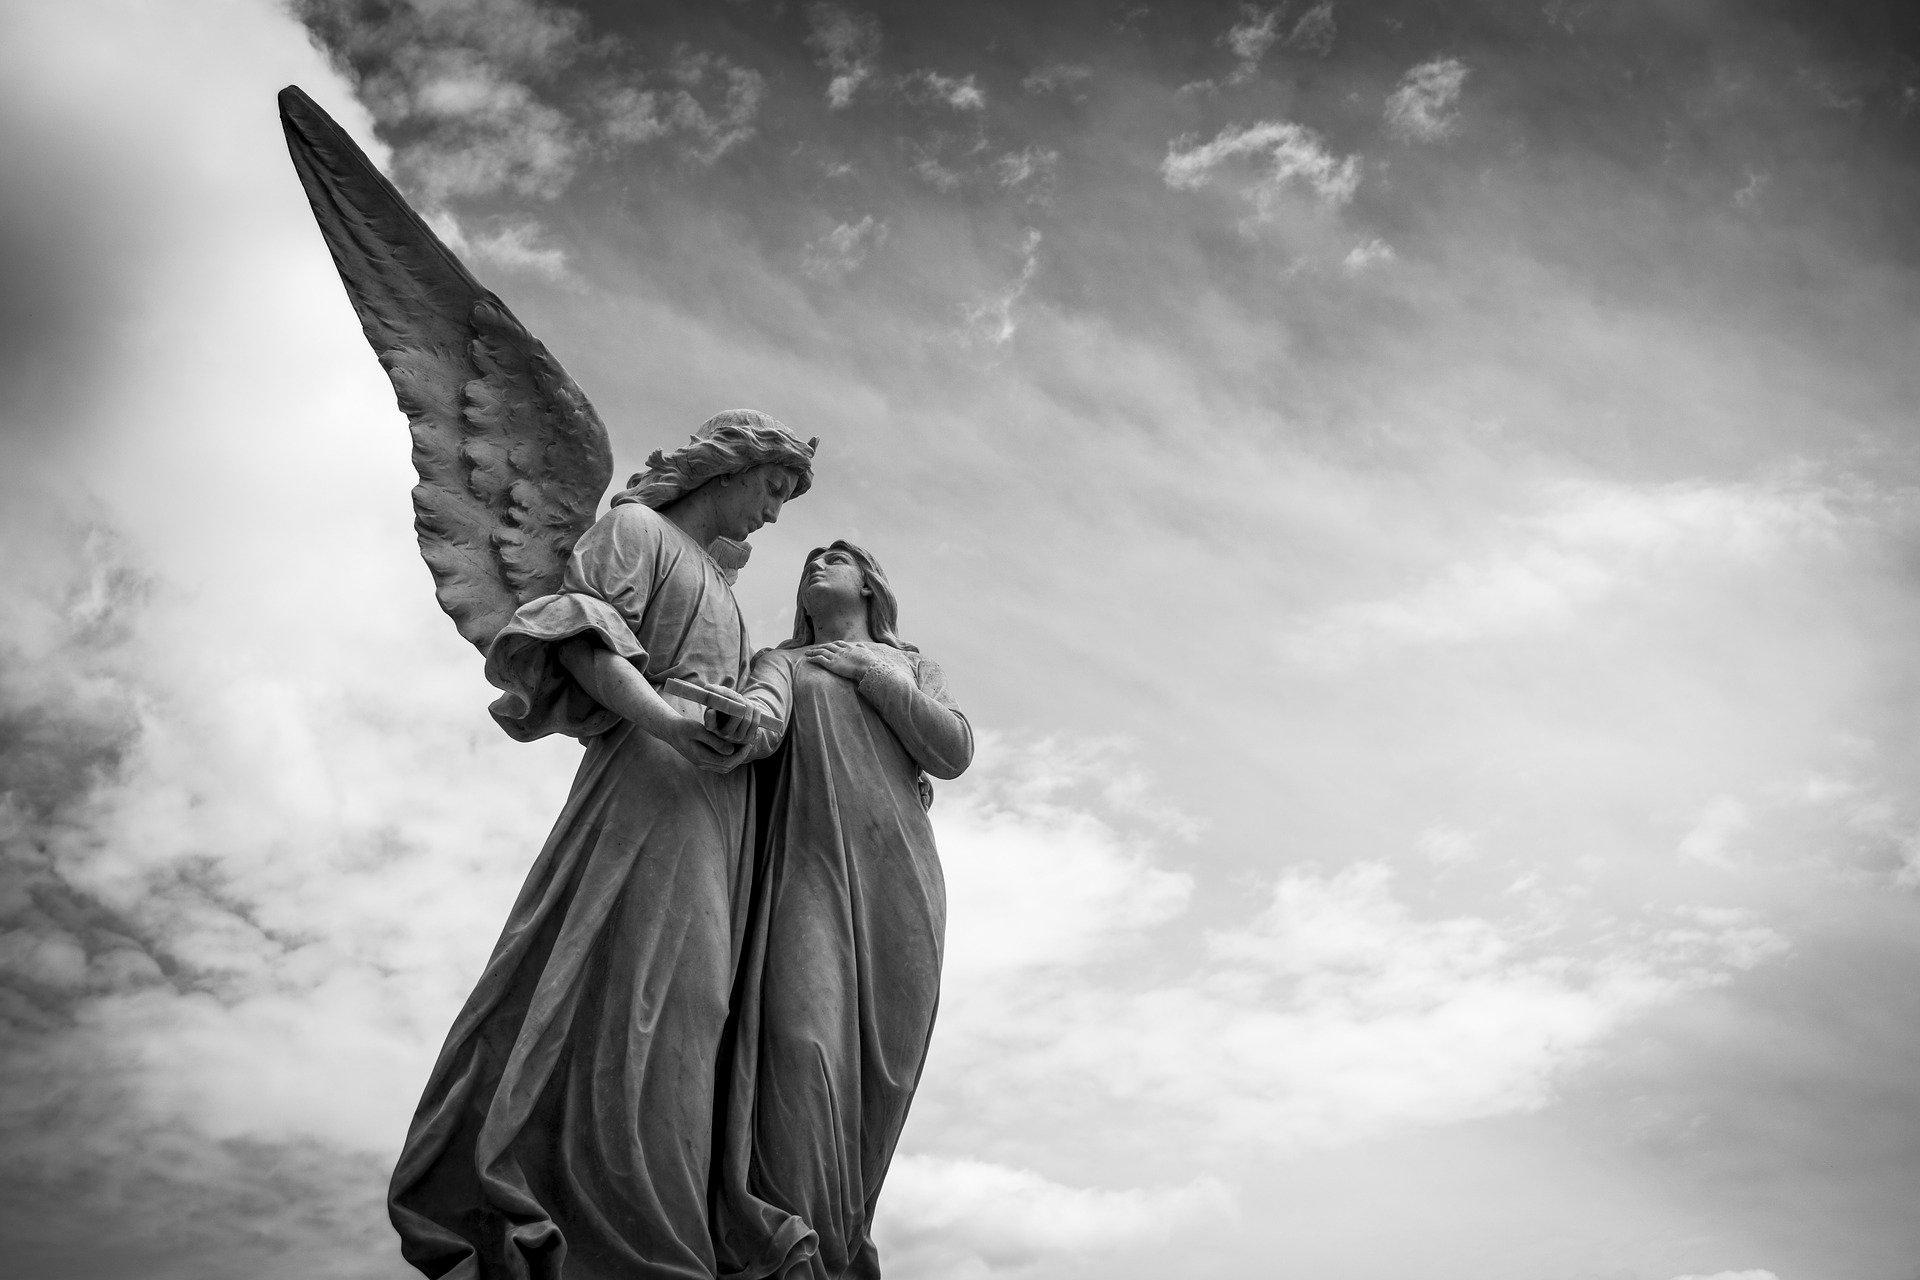 熾天使《呼吸之間的神聖》